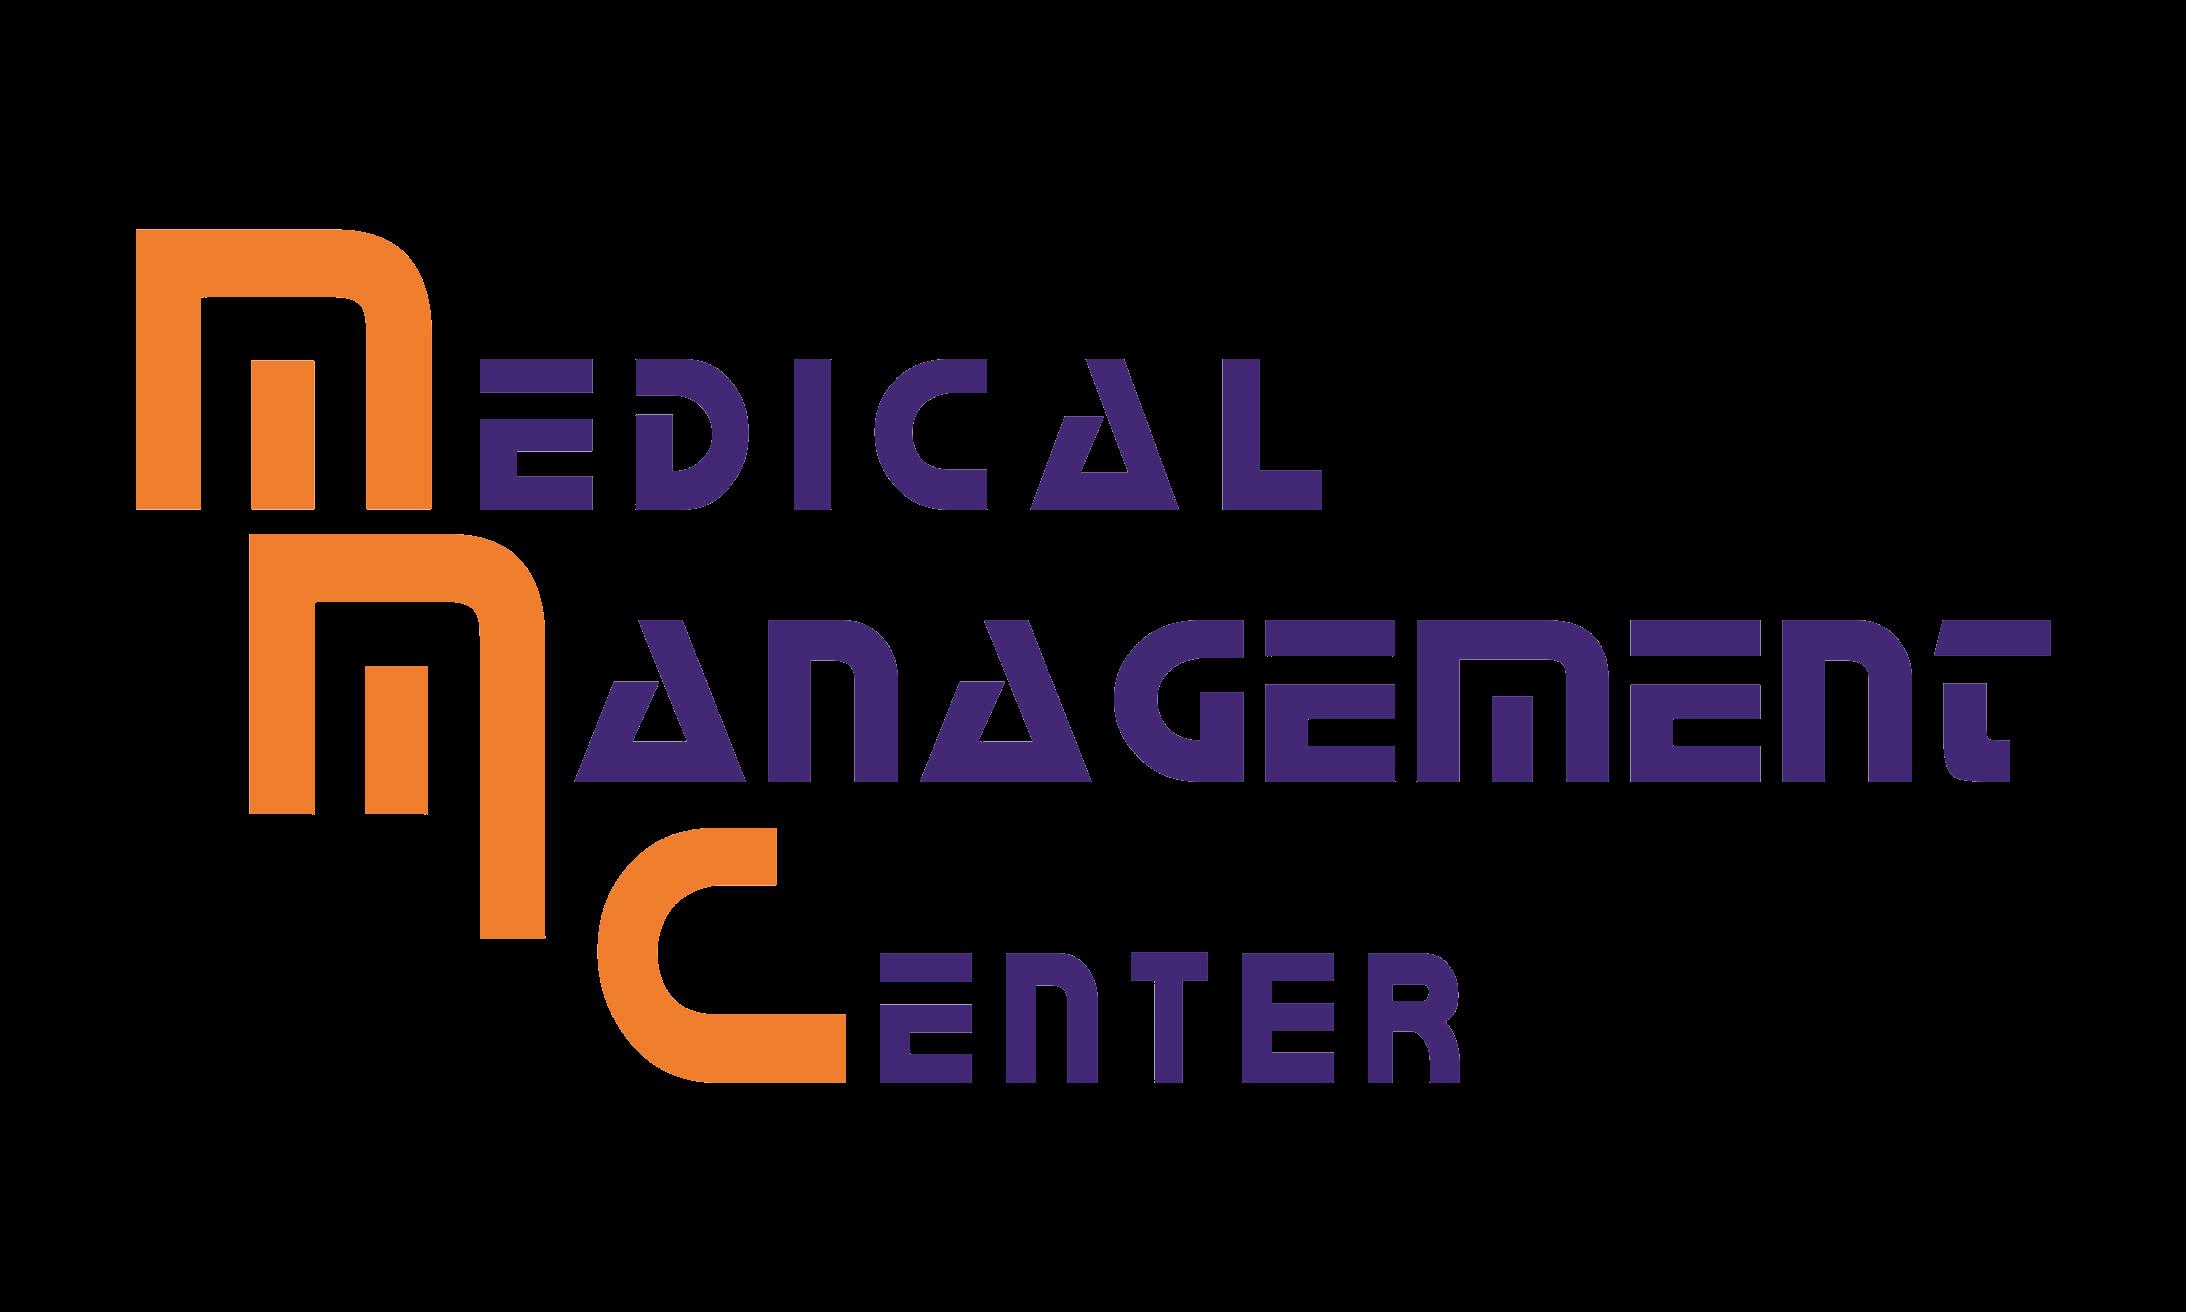 Doktorların düzenleyecekleri SMM/faturalarda KDV tevkifatı yapılmayacak…